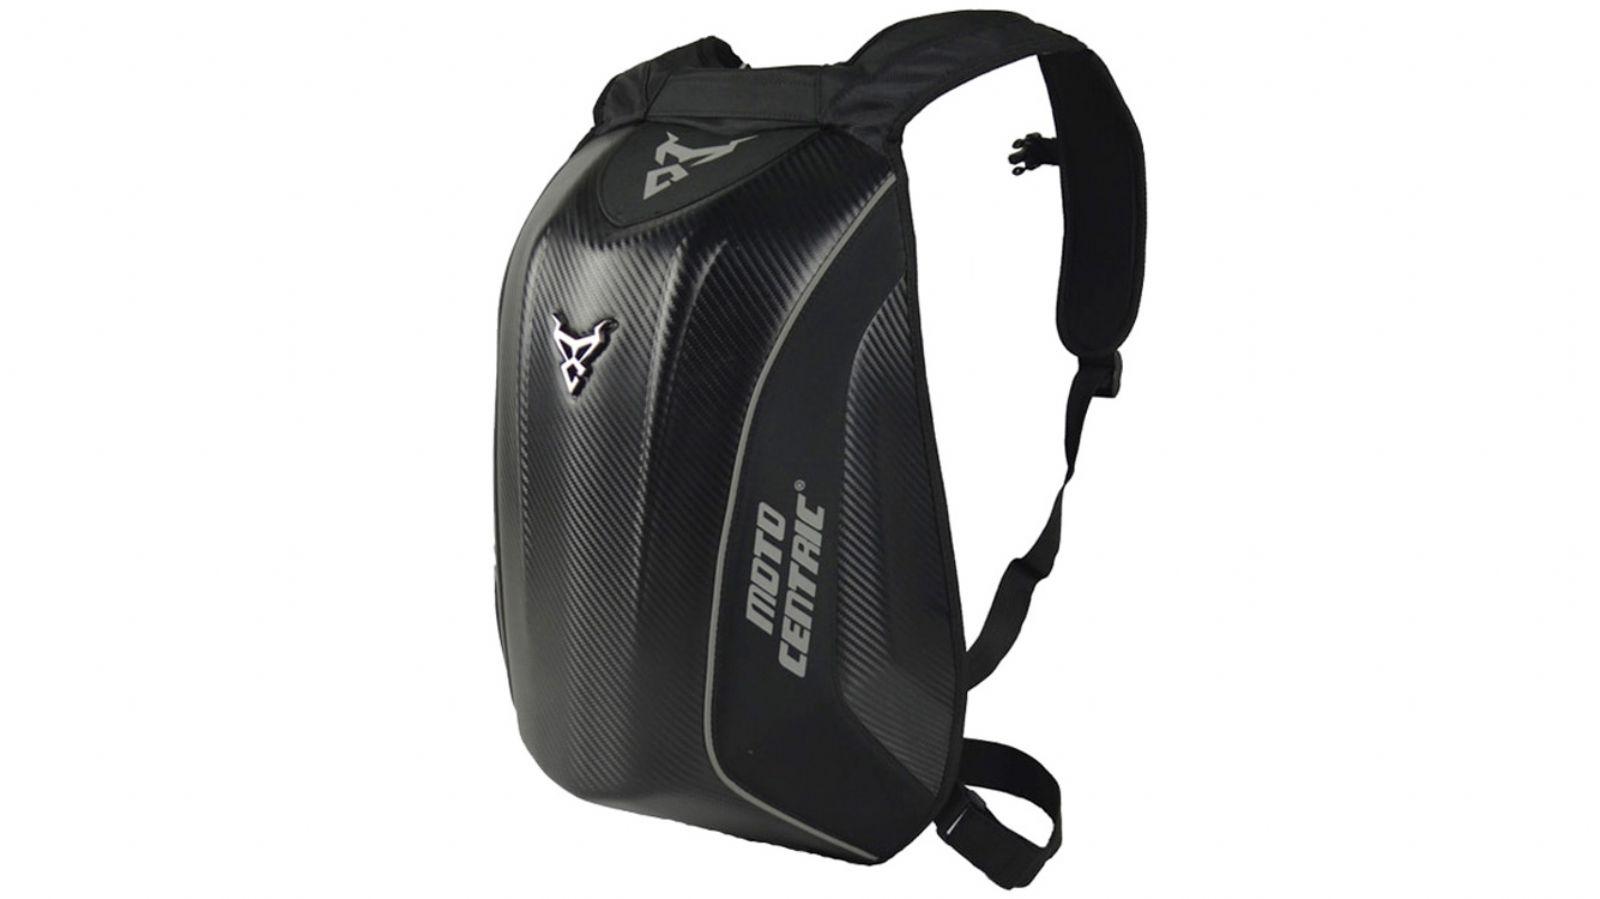 619c4c1c59 Moto Centric 3D Carbon - accessories